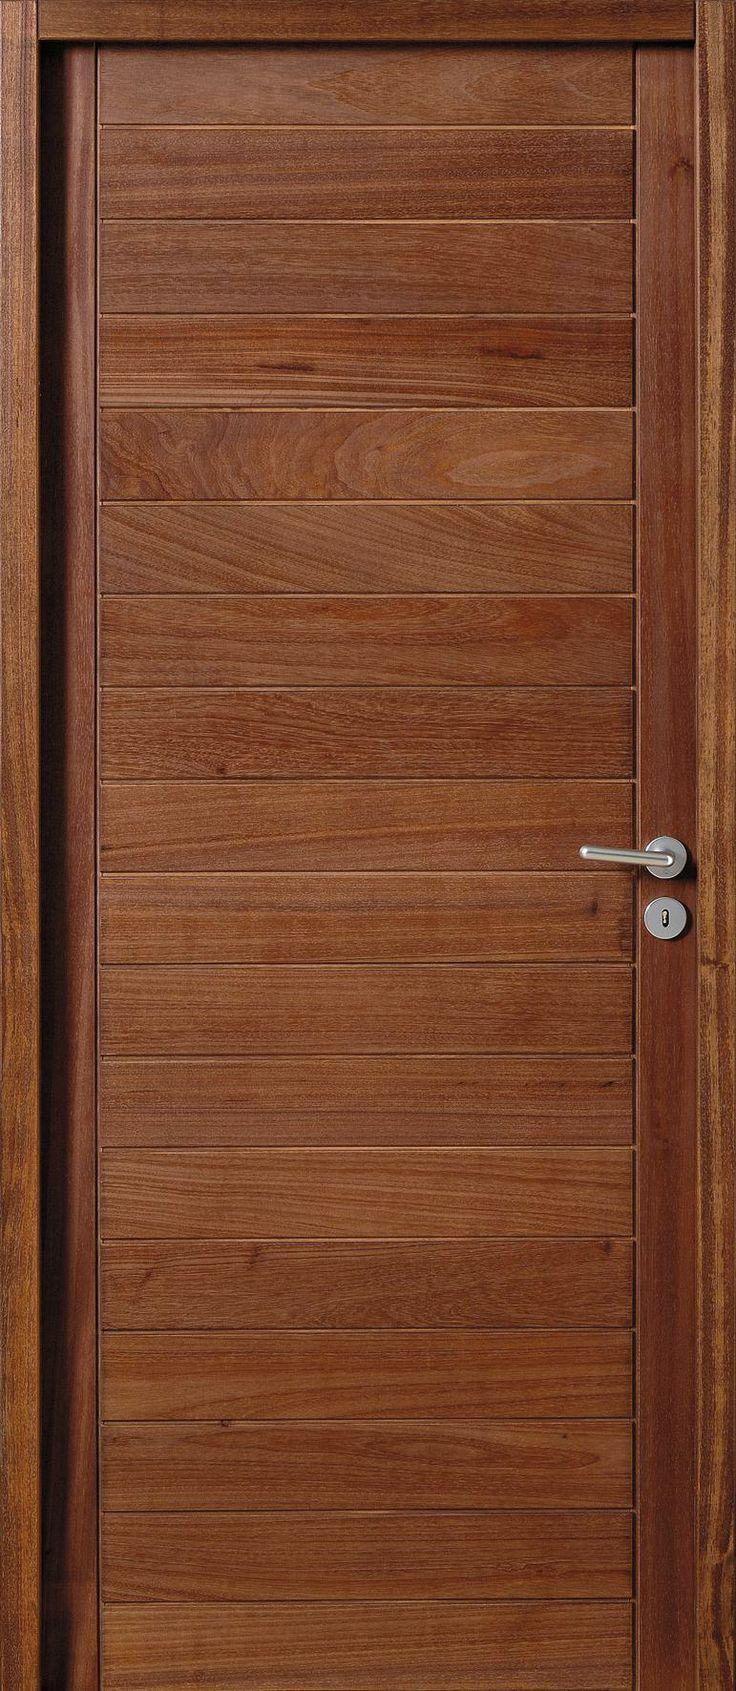 17 melhores imagens sobre porte entr e no pinterest for Portes interieures bois contemporaines